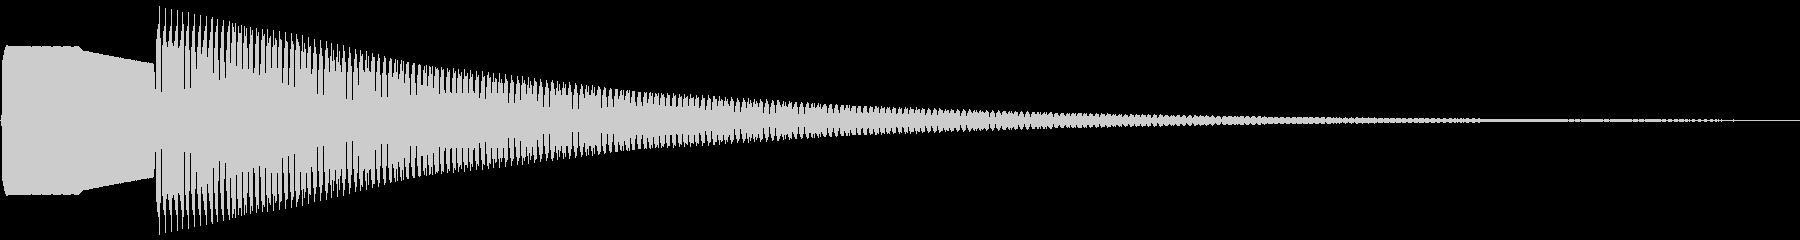 クイズに使えそうな呼び出し音の未再生の波形